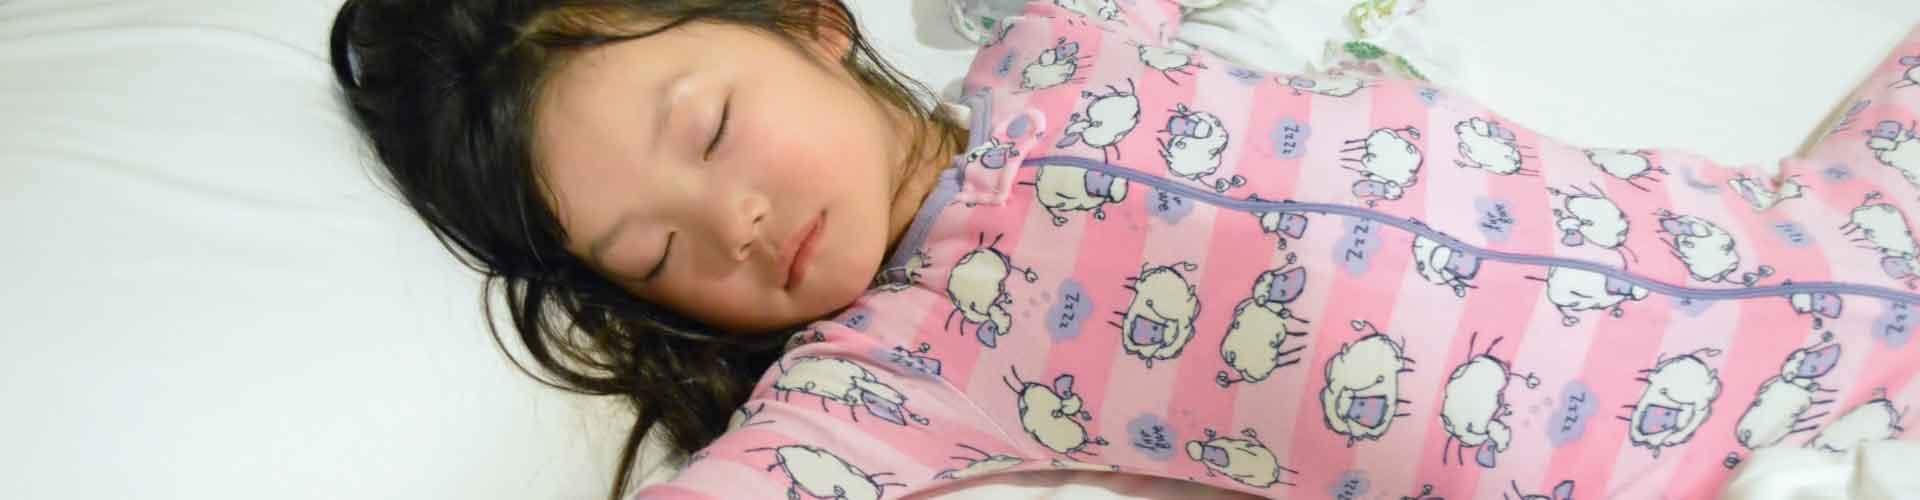 健やかな脳を育てる!子どもの睡眠習慣・生活リズムの作り方